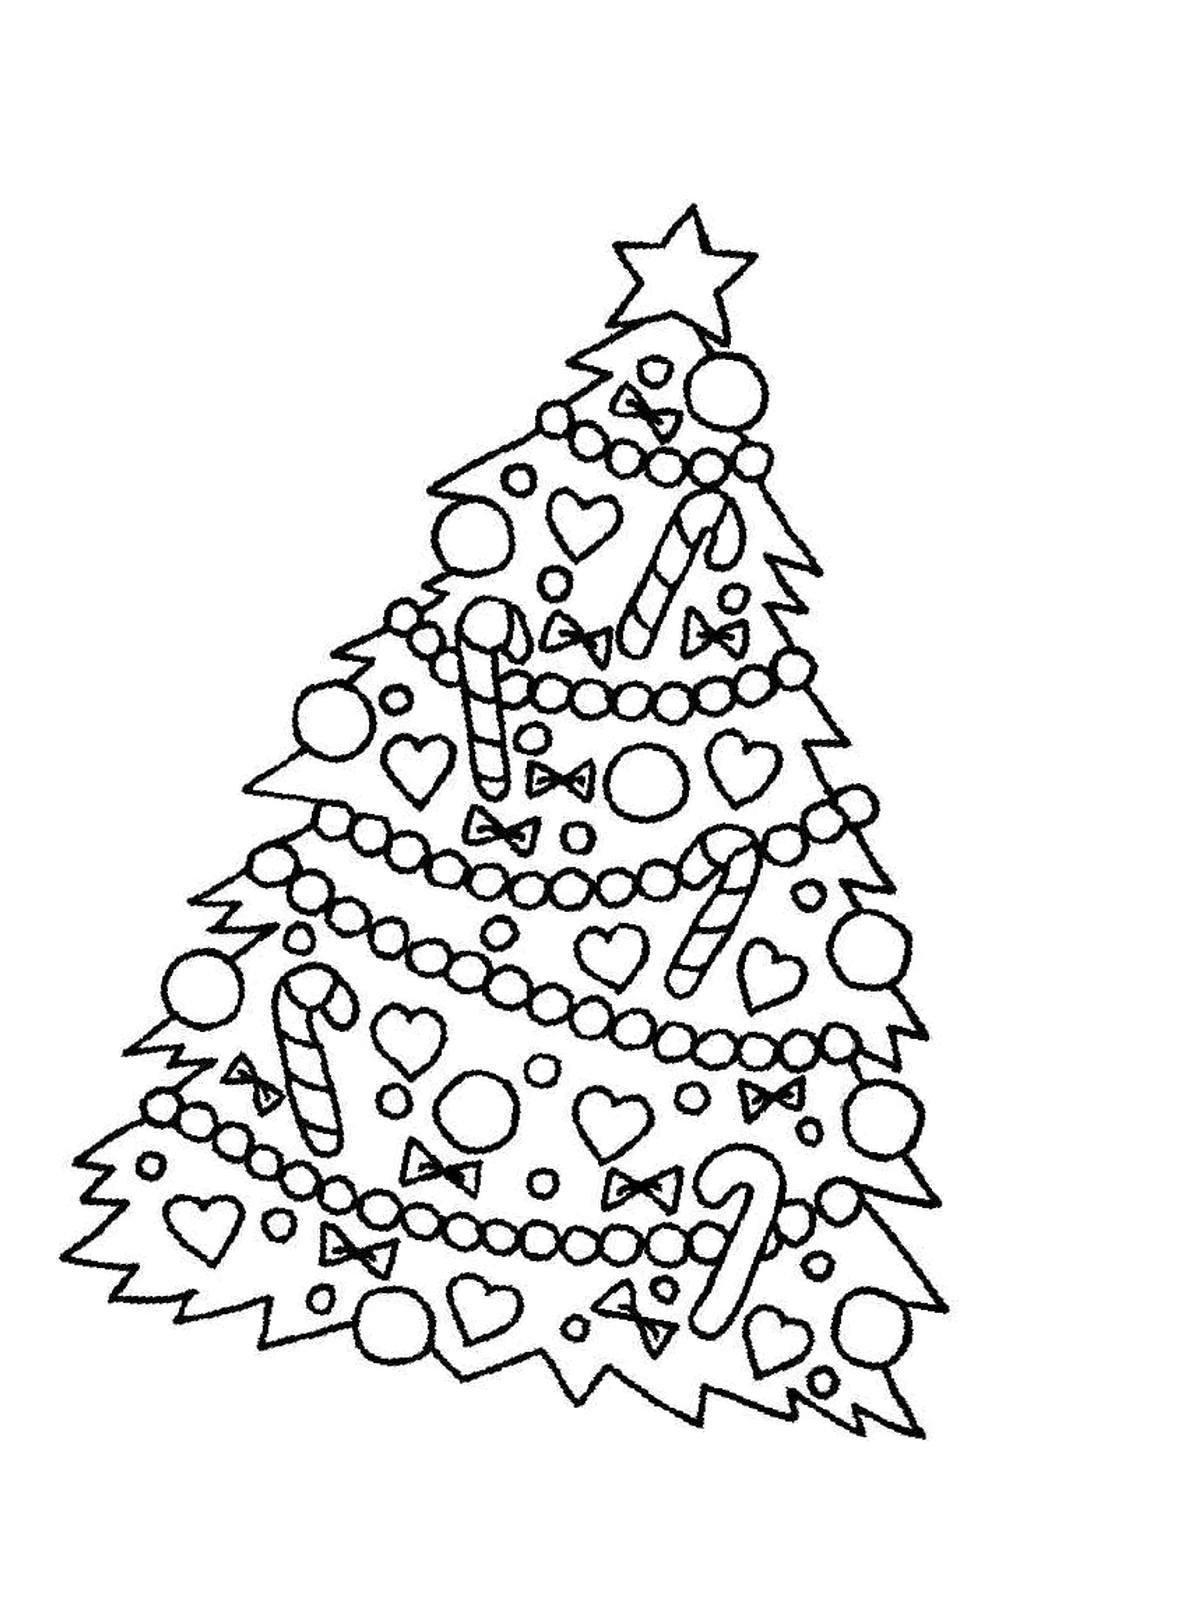 malvorlagen tannenbaum ausdrucken  kinderbilderdownload